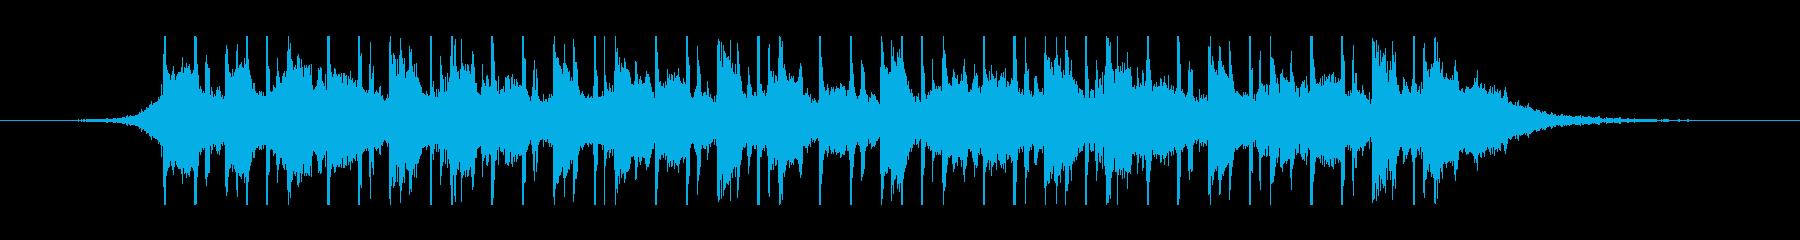 中東のラマダン(30秒)の再生済みの波形